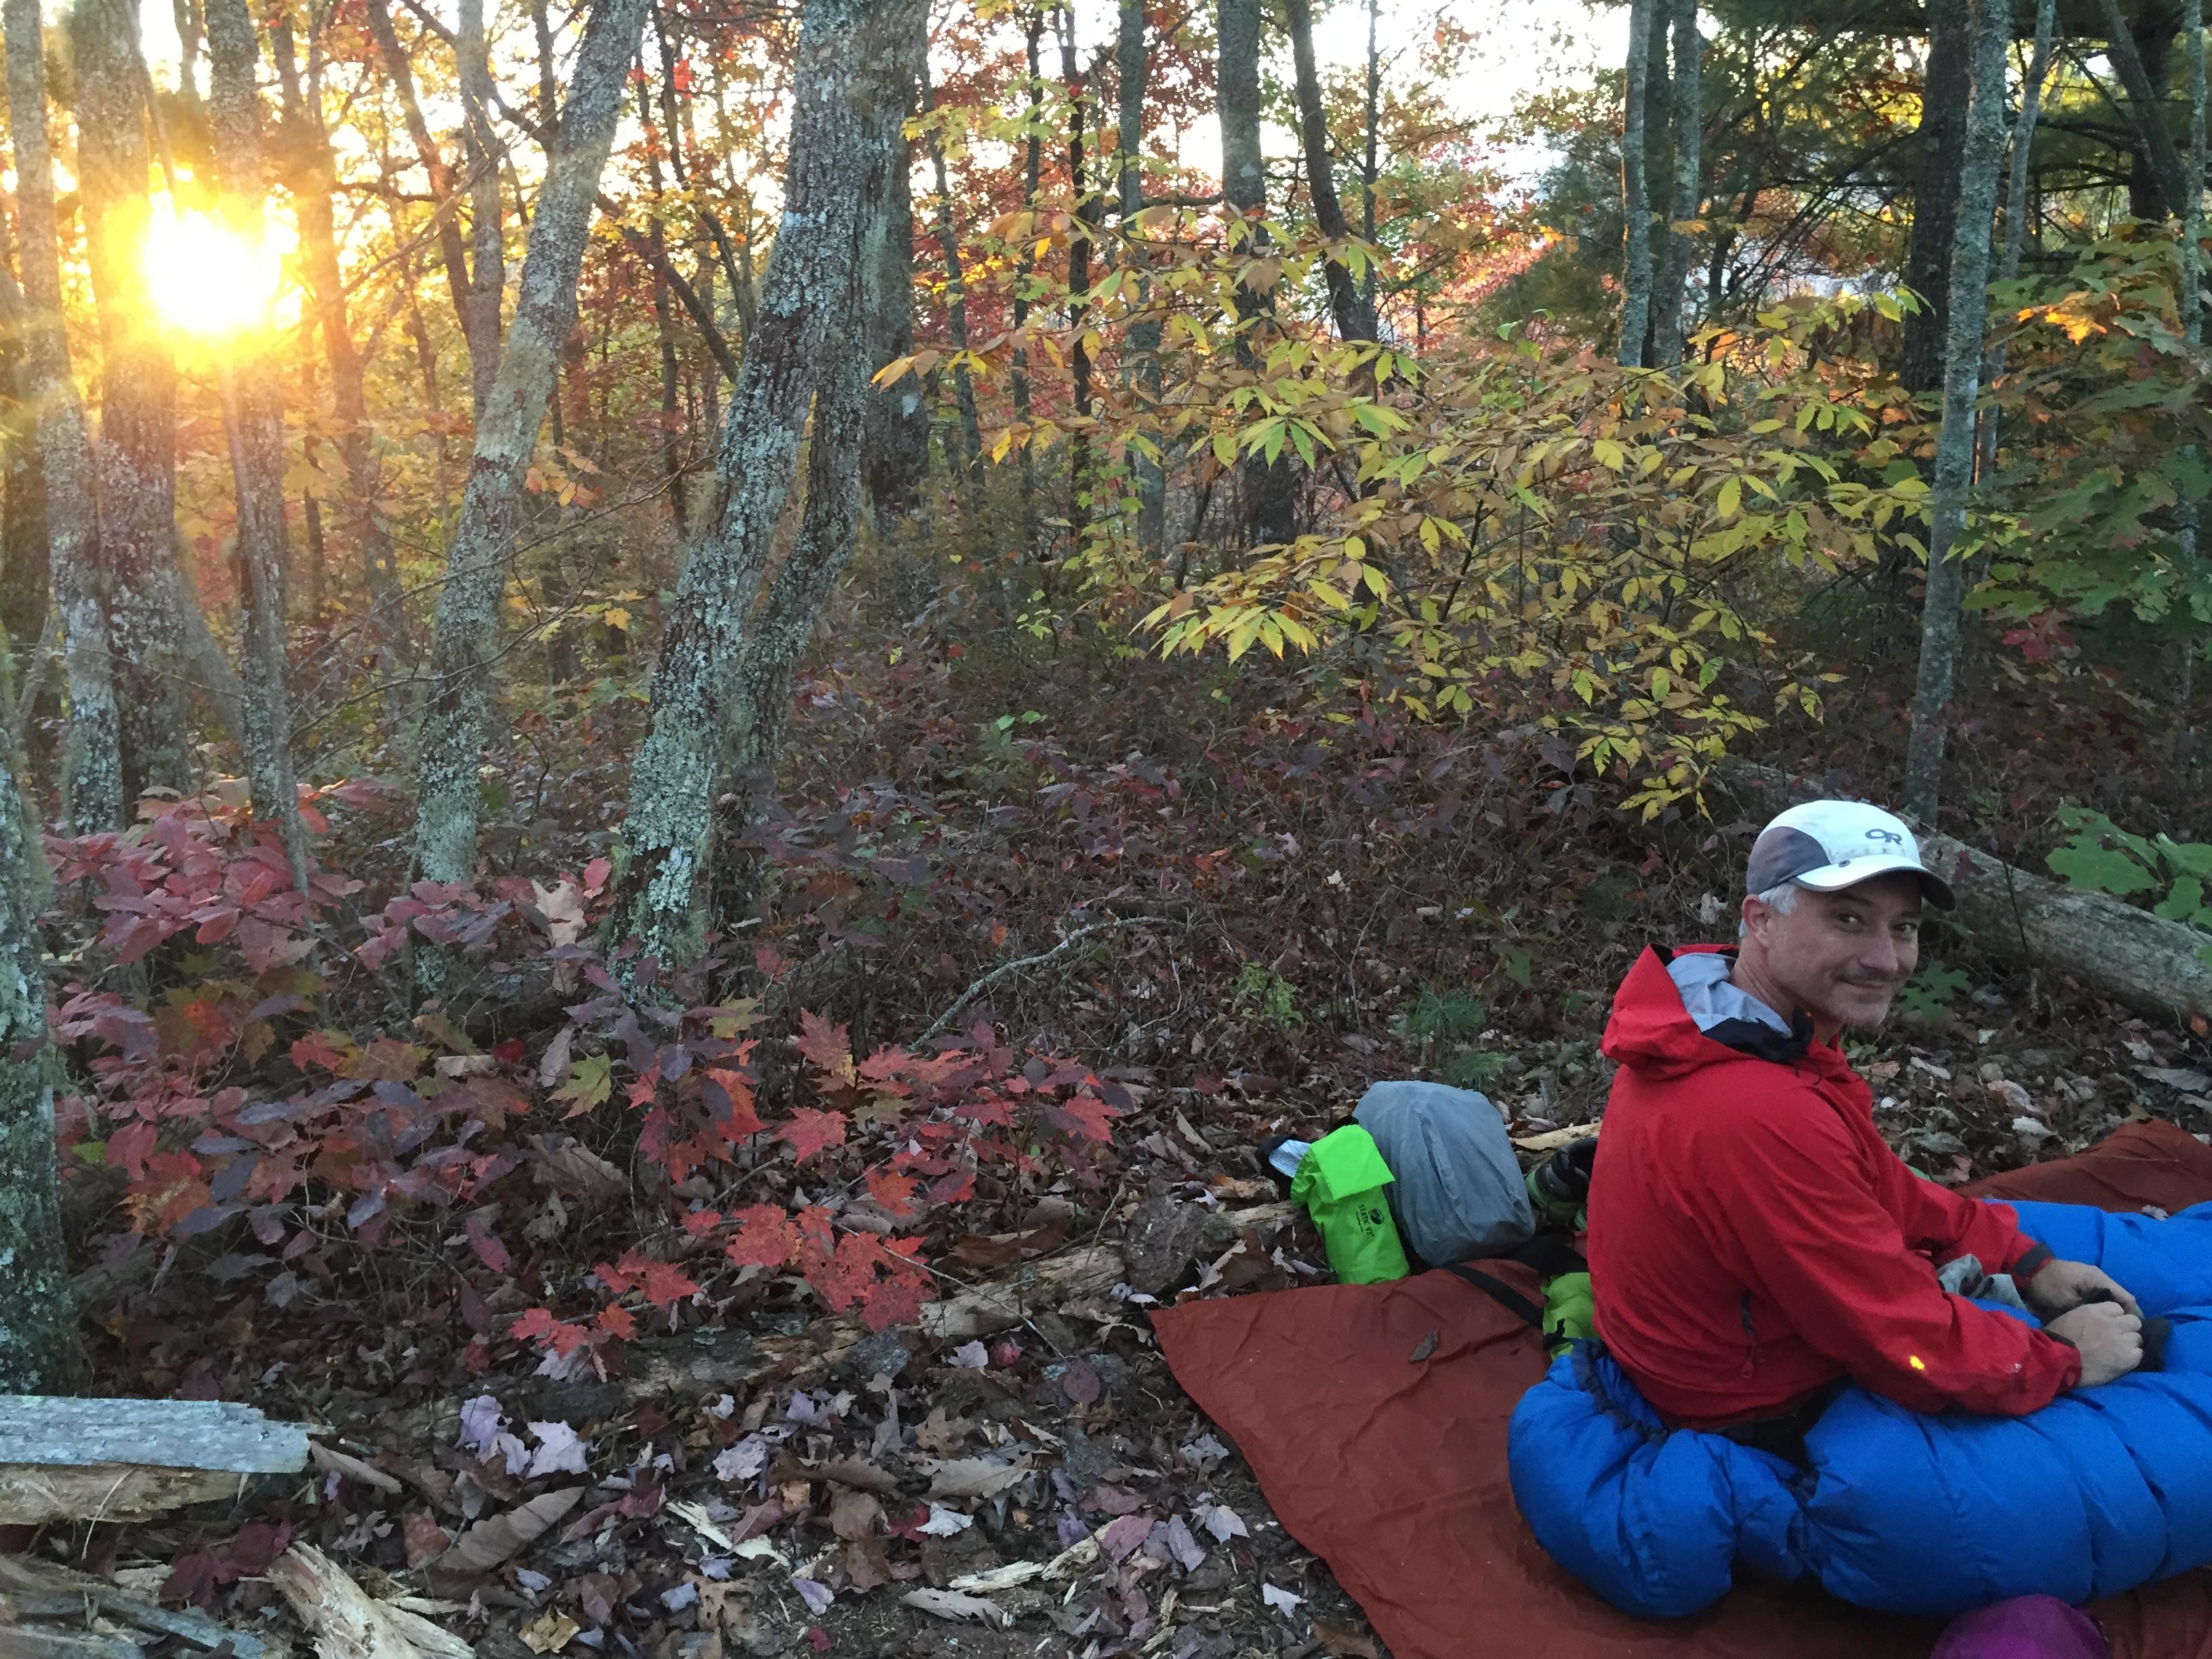 Cowboy Camping in October.